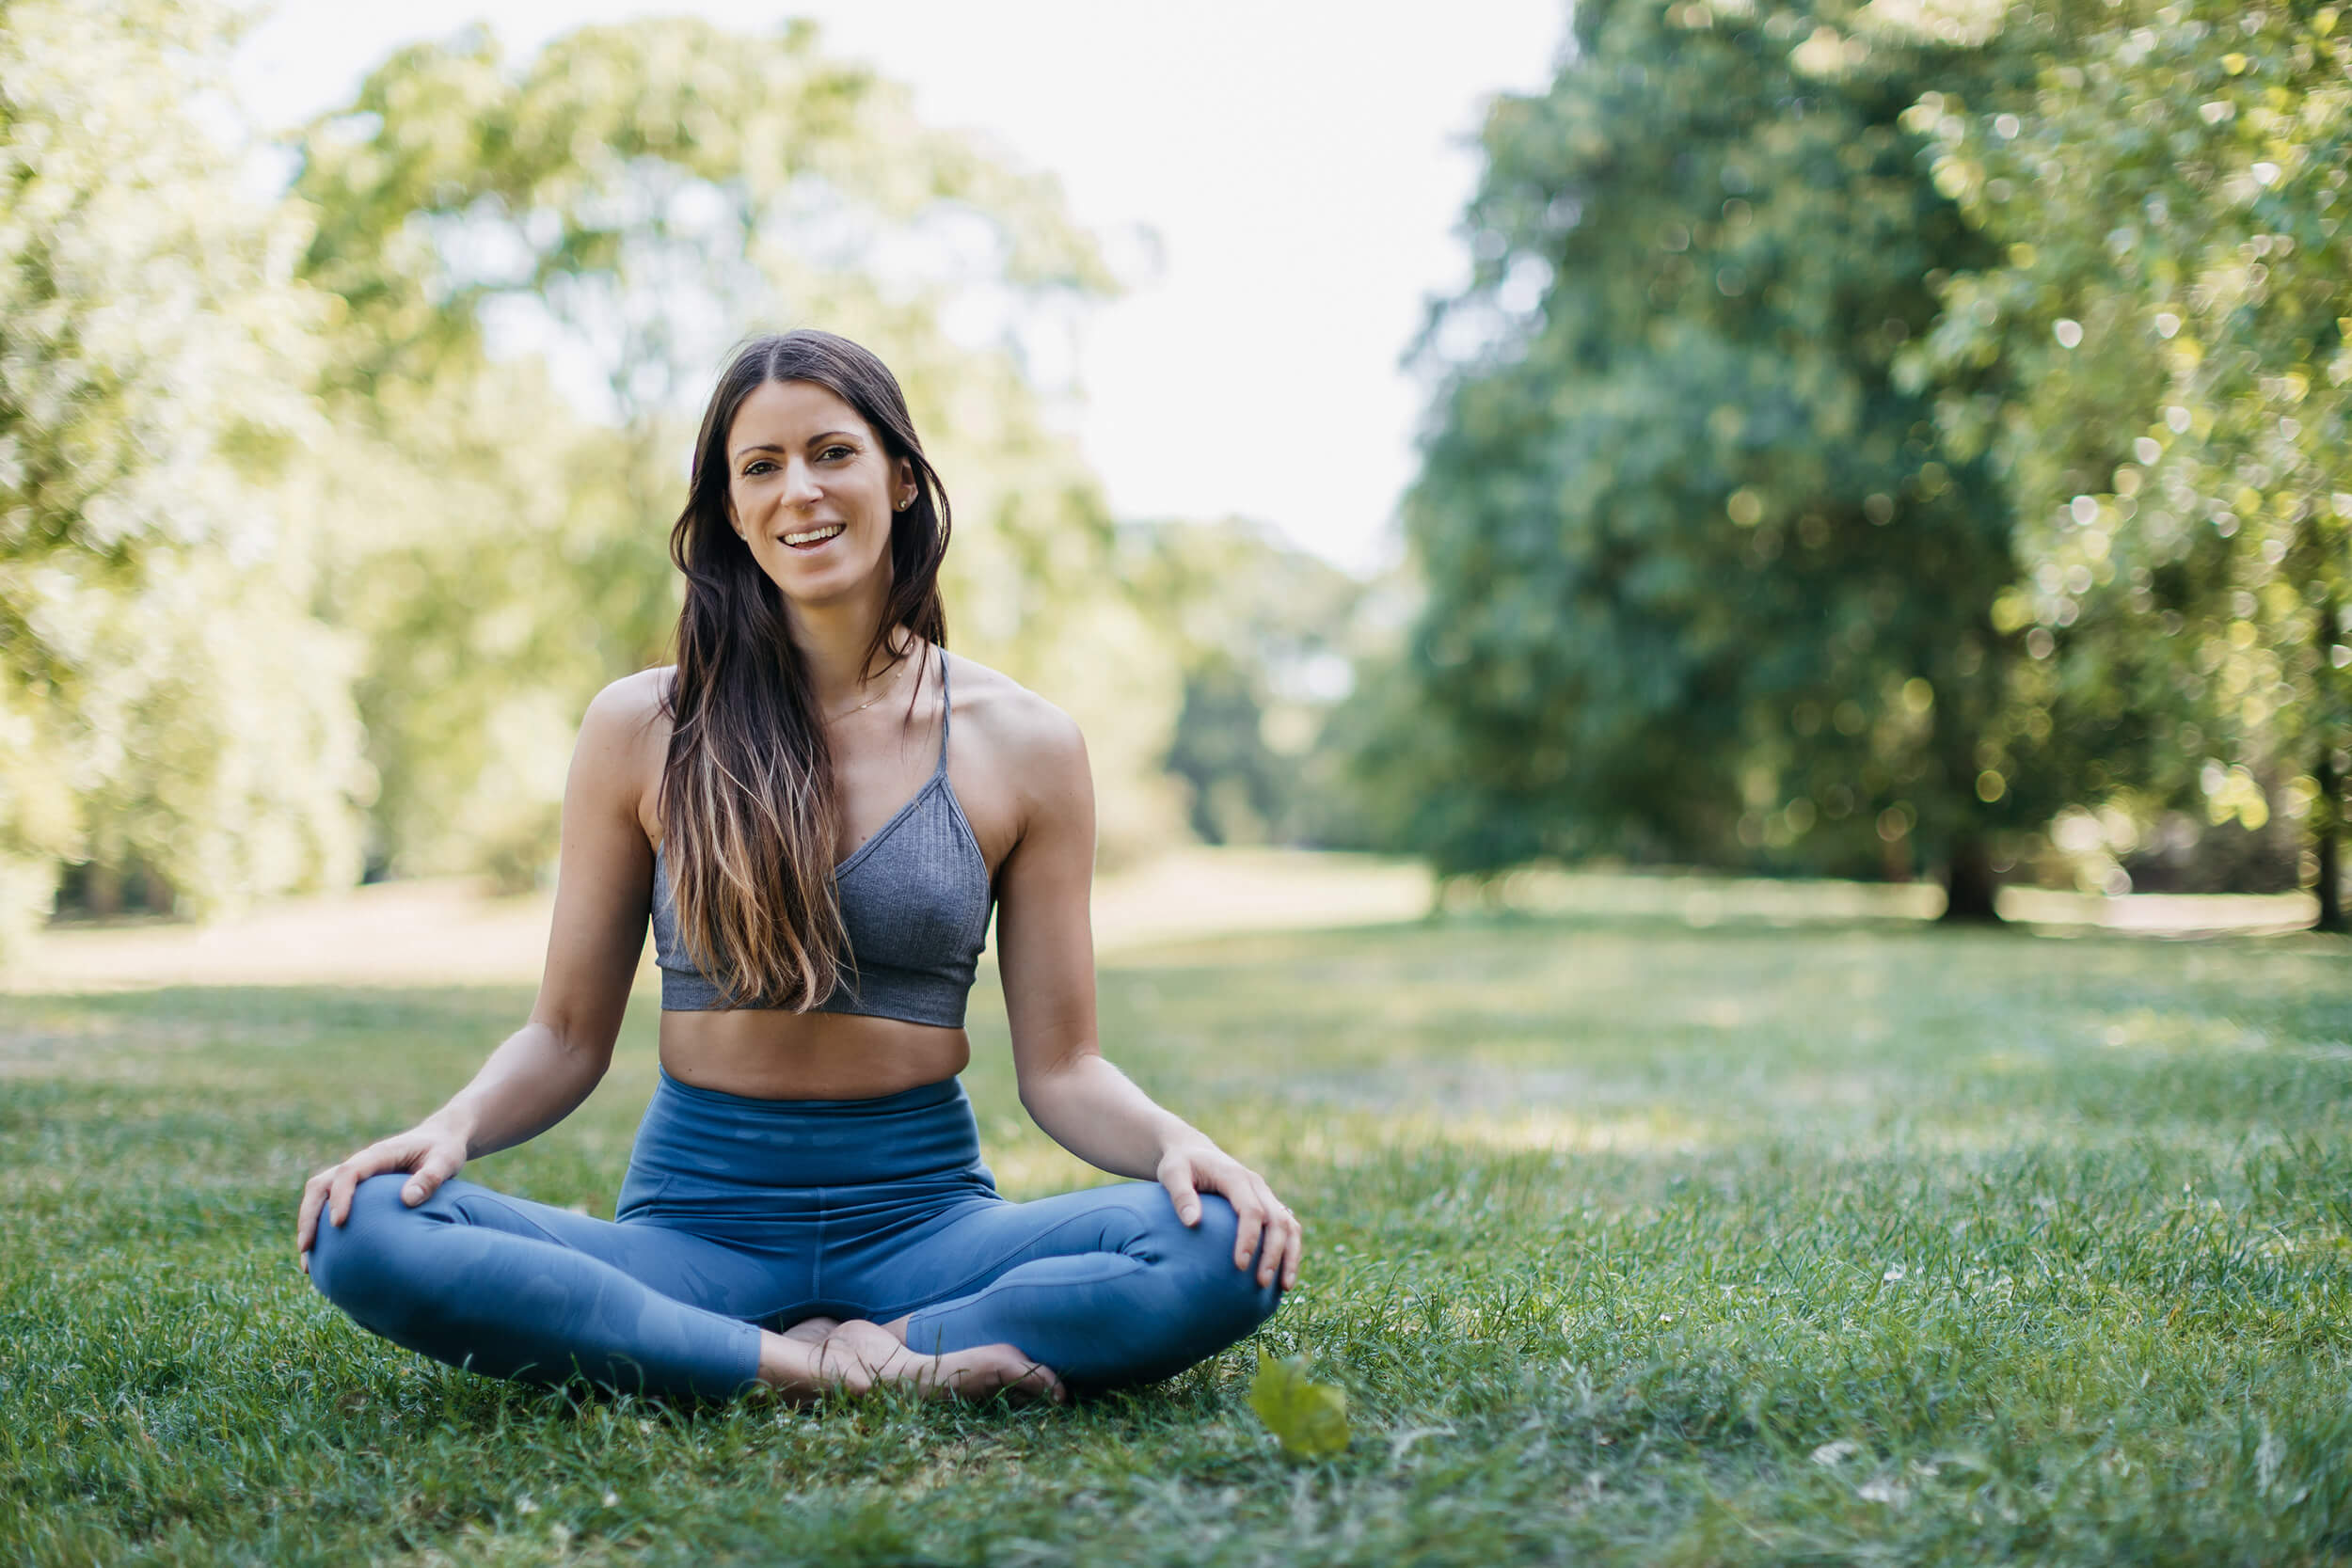 Hannah-Barrett-Yoga-2020-Images-56